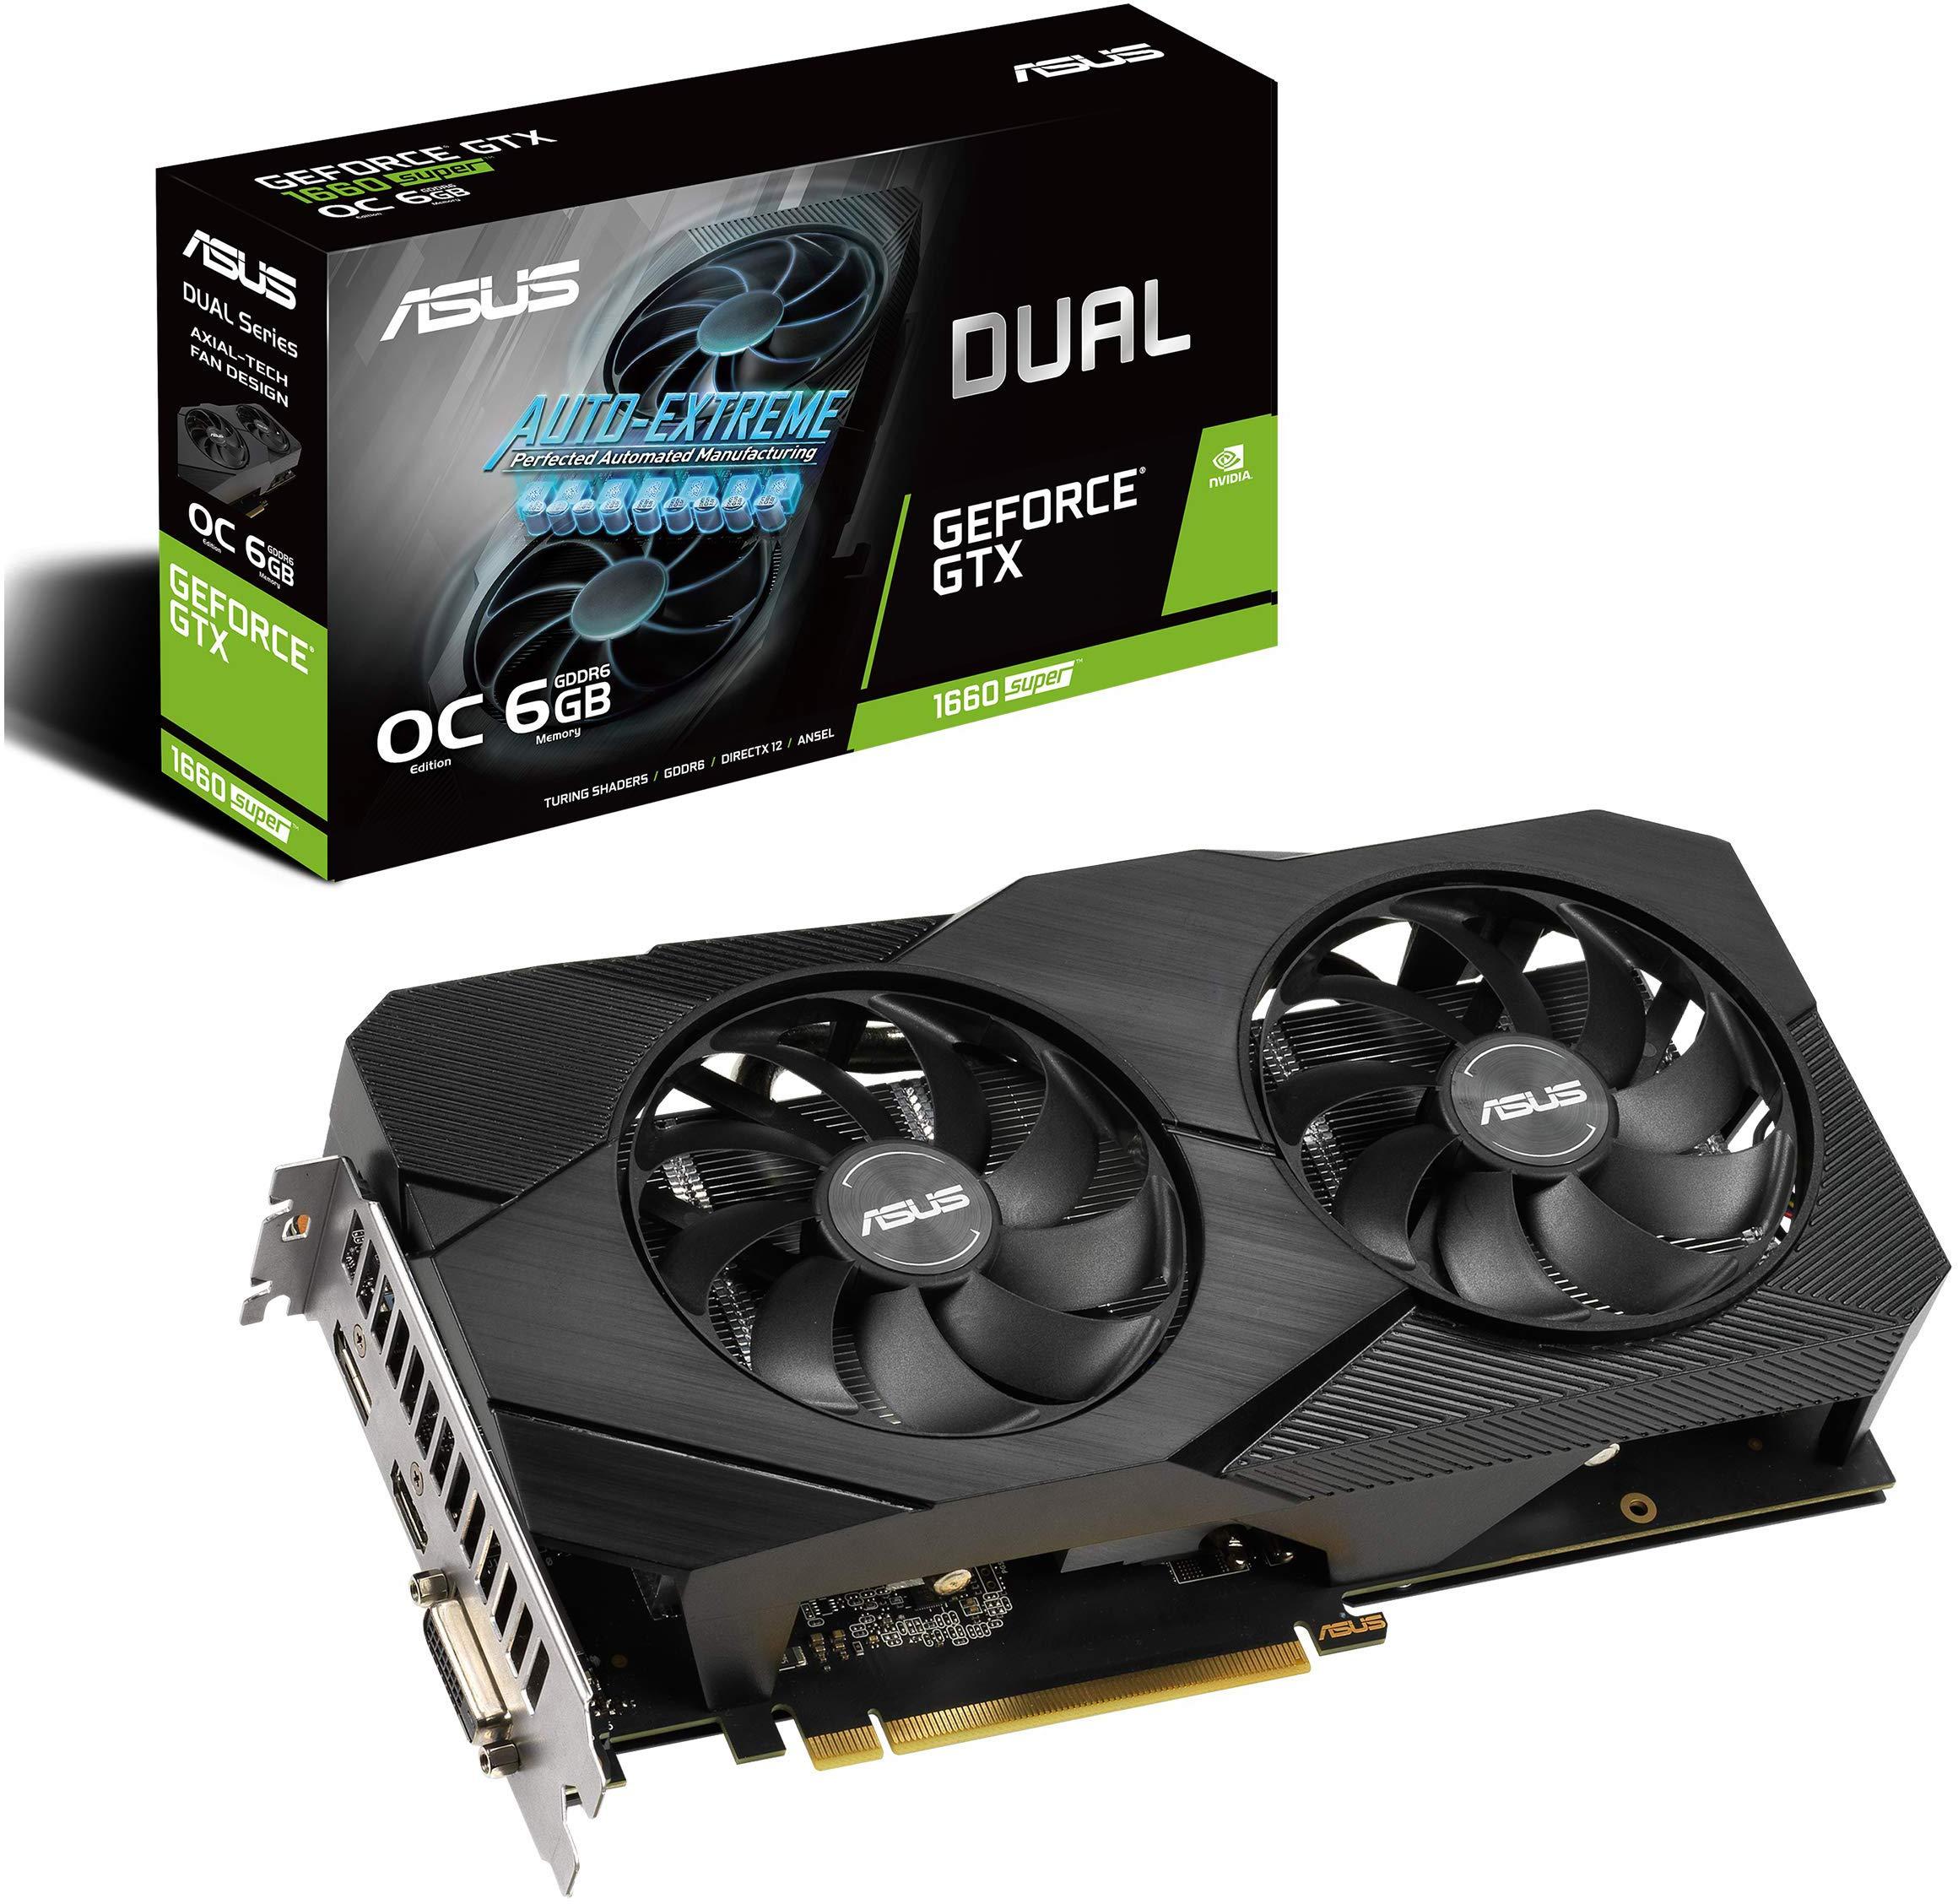 ASUS GeForce GTX 1660 Super Overclocked 6GB Dual-Fan Evo Edition VR Ready HDMI DisplayPort DVI Graphics Card (DUAL-GTX1660S-O6G-EVO) Dual GTX 1660 SUPER OC